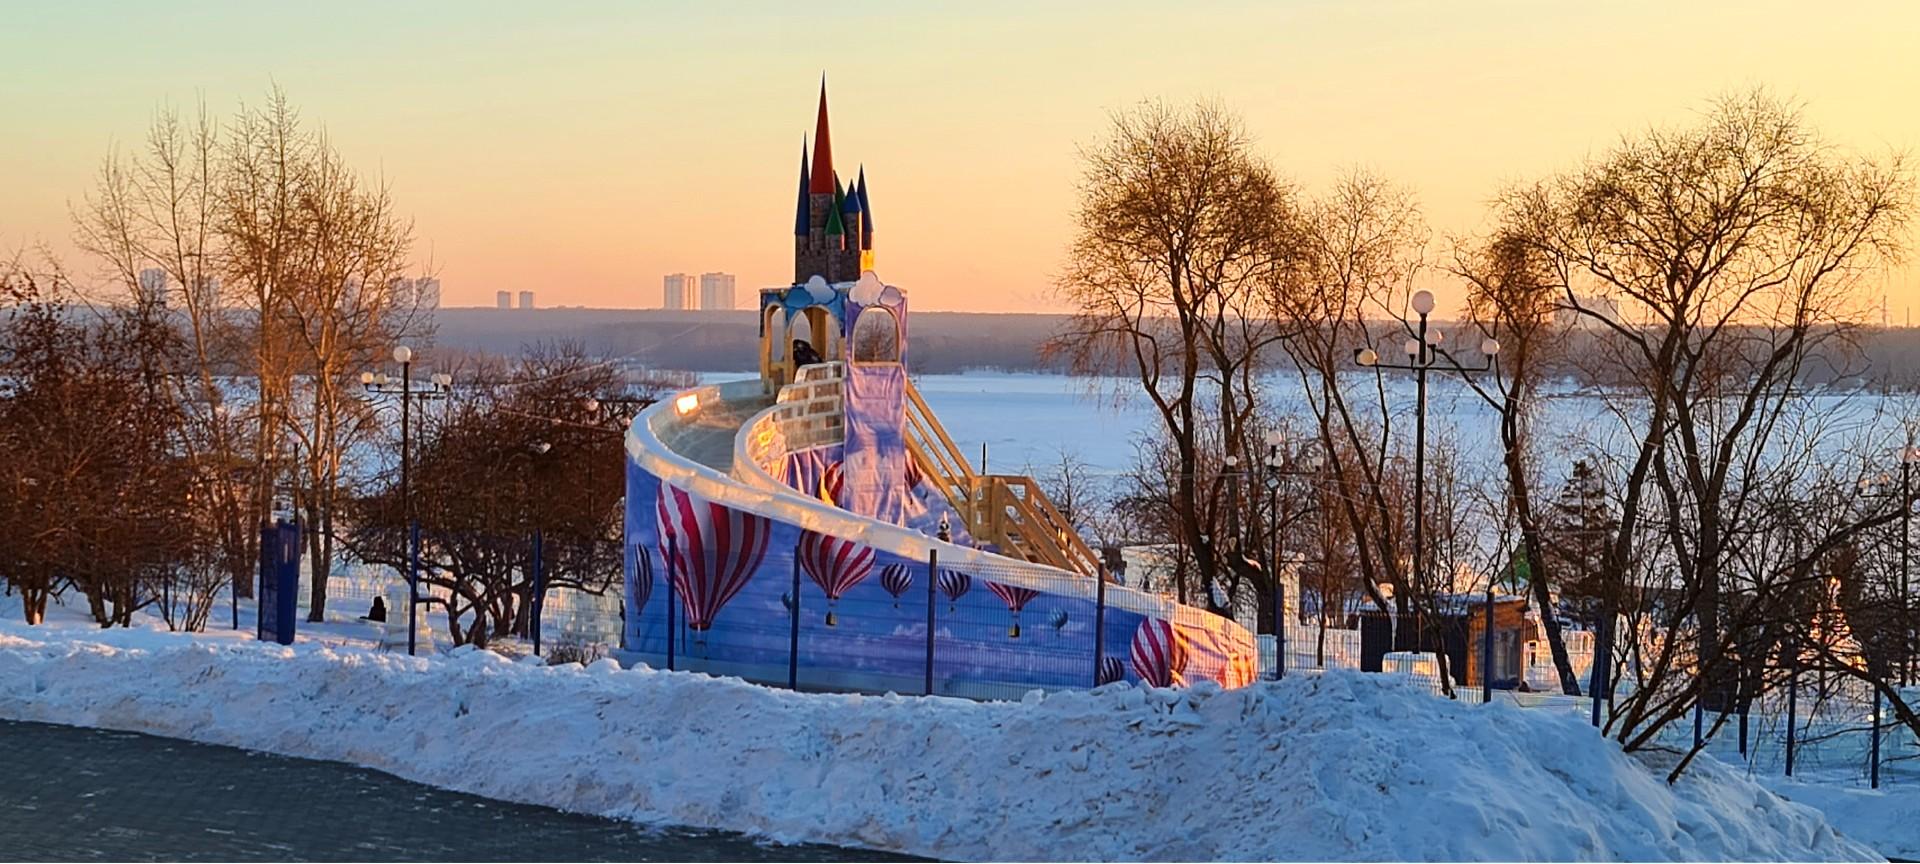 ледовый городок на Михайловской набережной